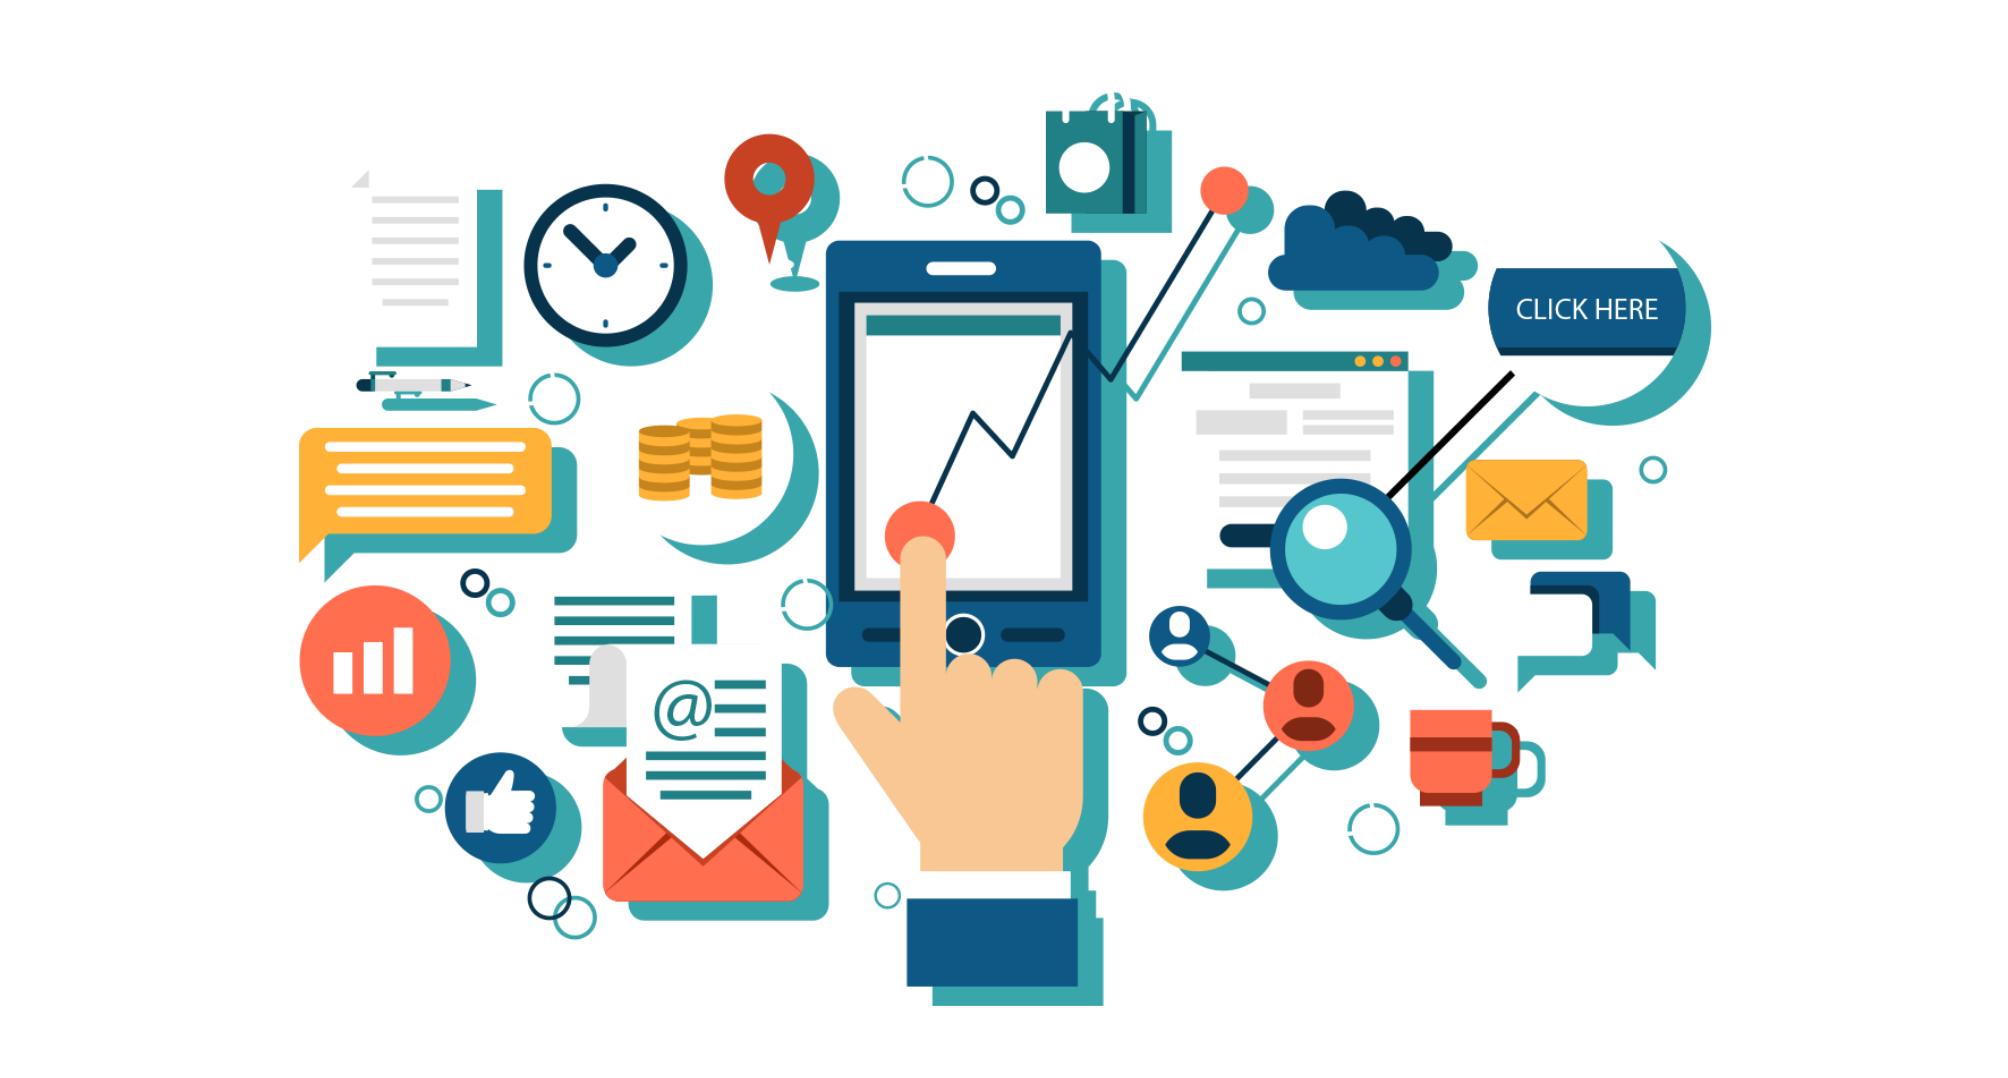 La pubblicità digitale supera i 100 miliardi di dollari di revenue: scopri il report di IAB US